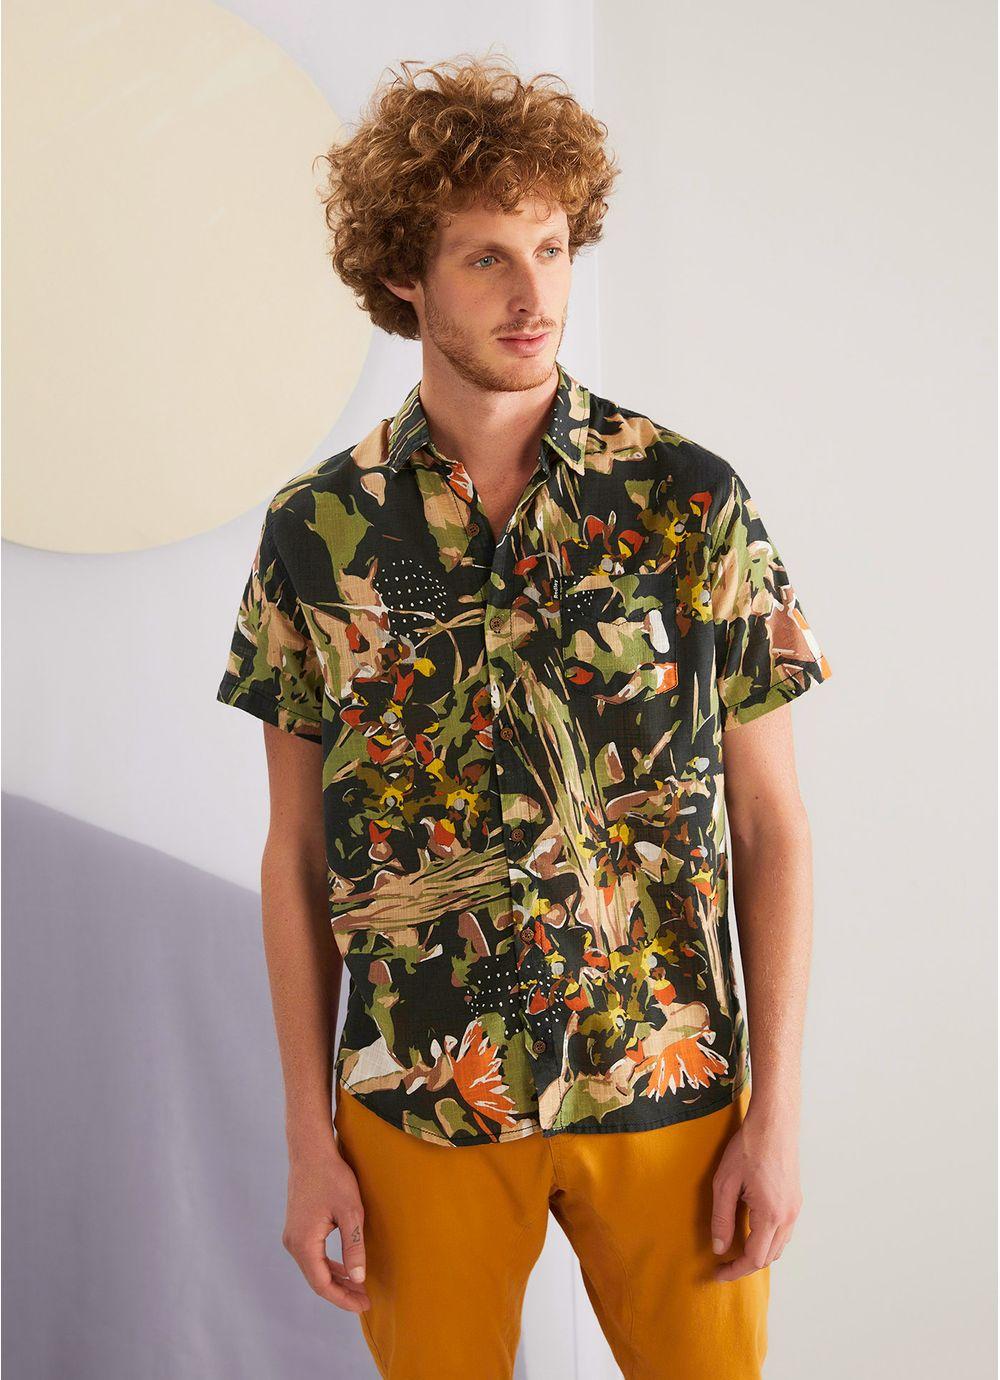 c9173dcb0e6 Camisa manga curta estampada camufa PRETO - Compre Online na Redley!